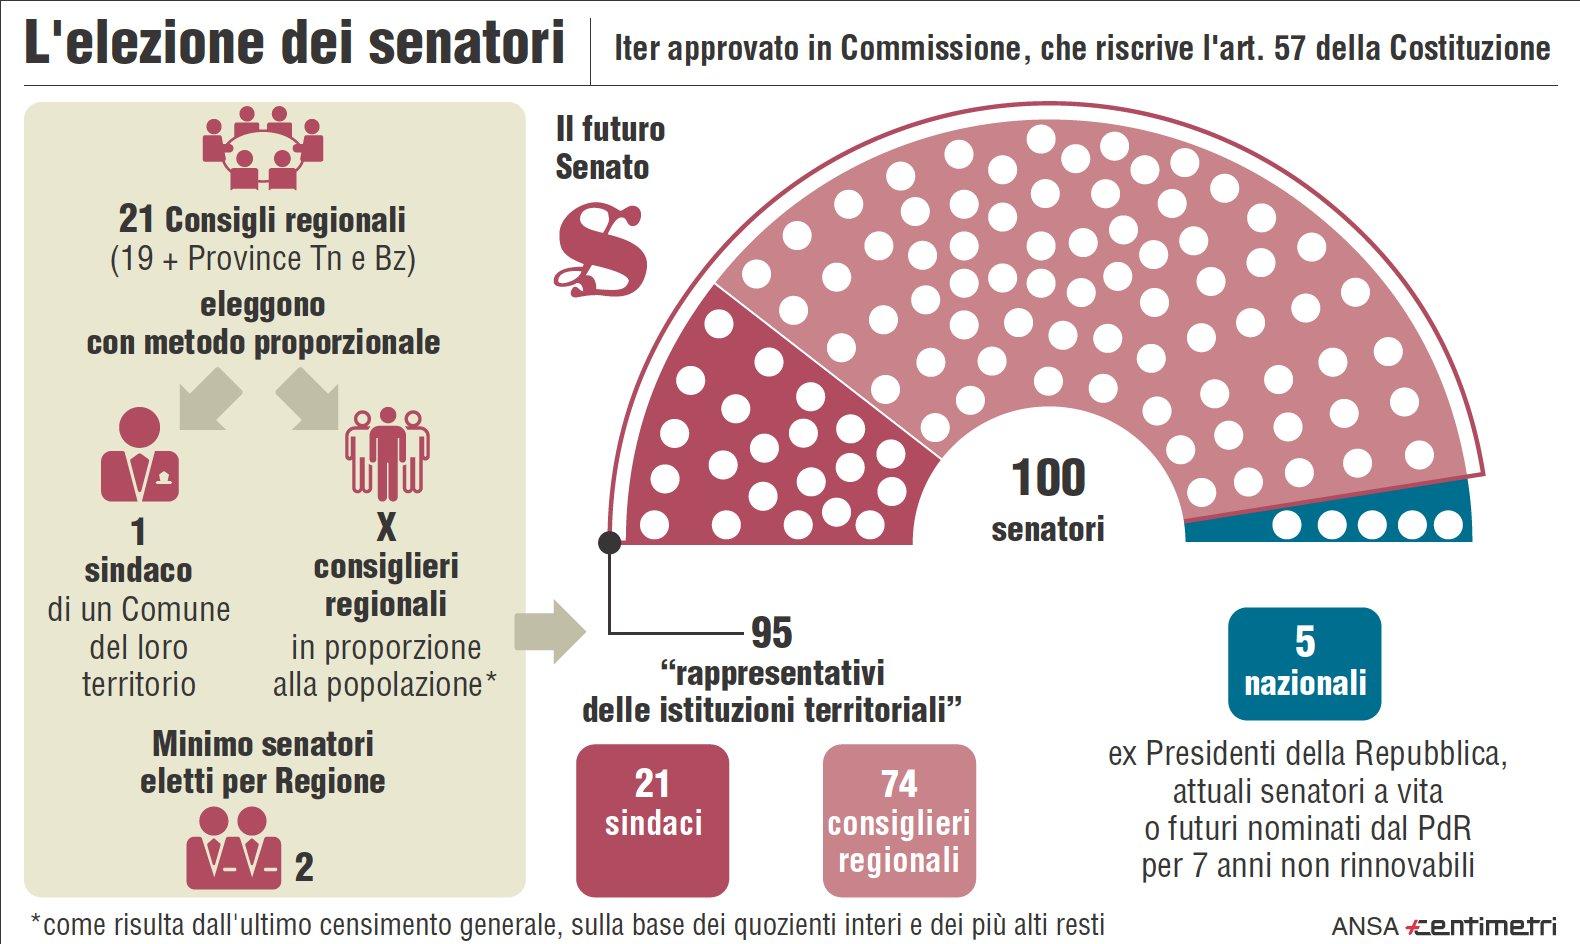 Referendum come cambia il senato lumsa news for Composizione del senato